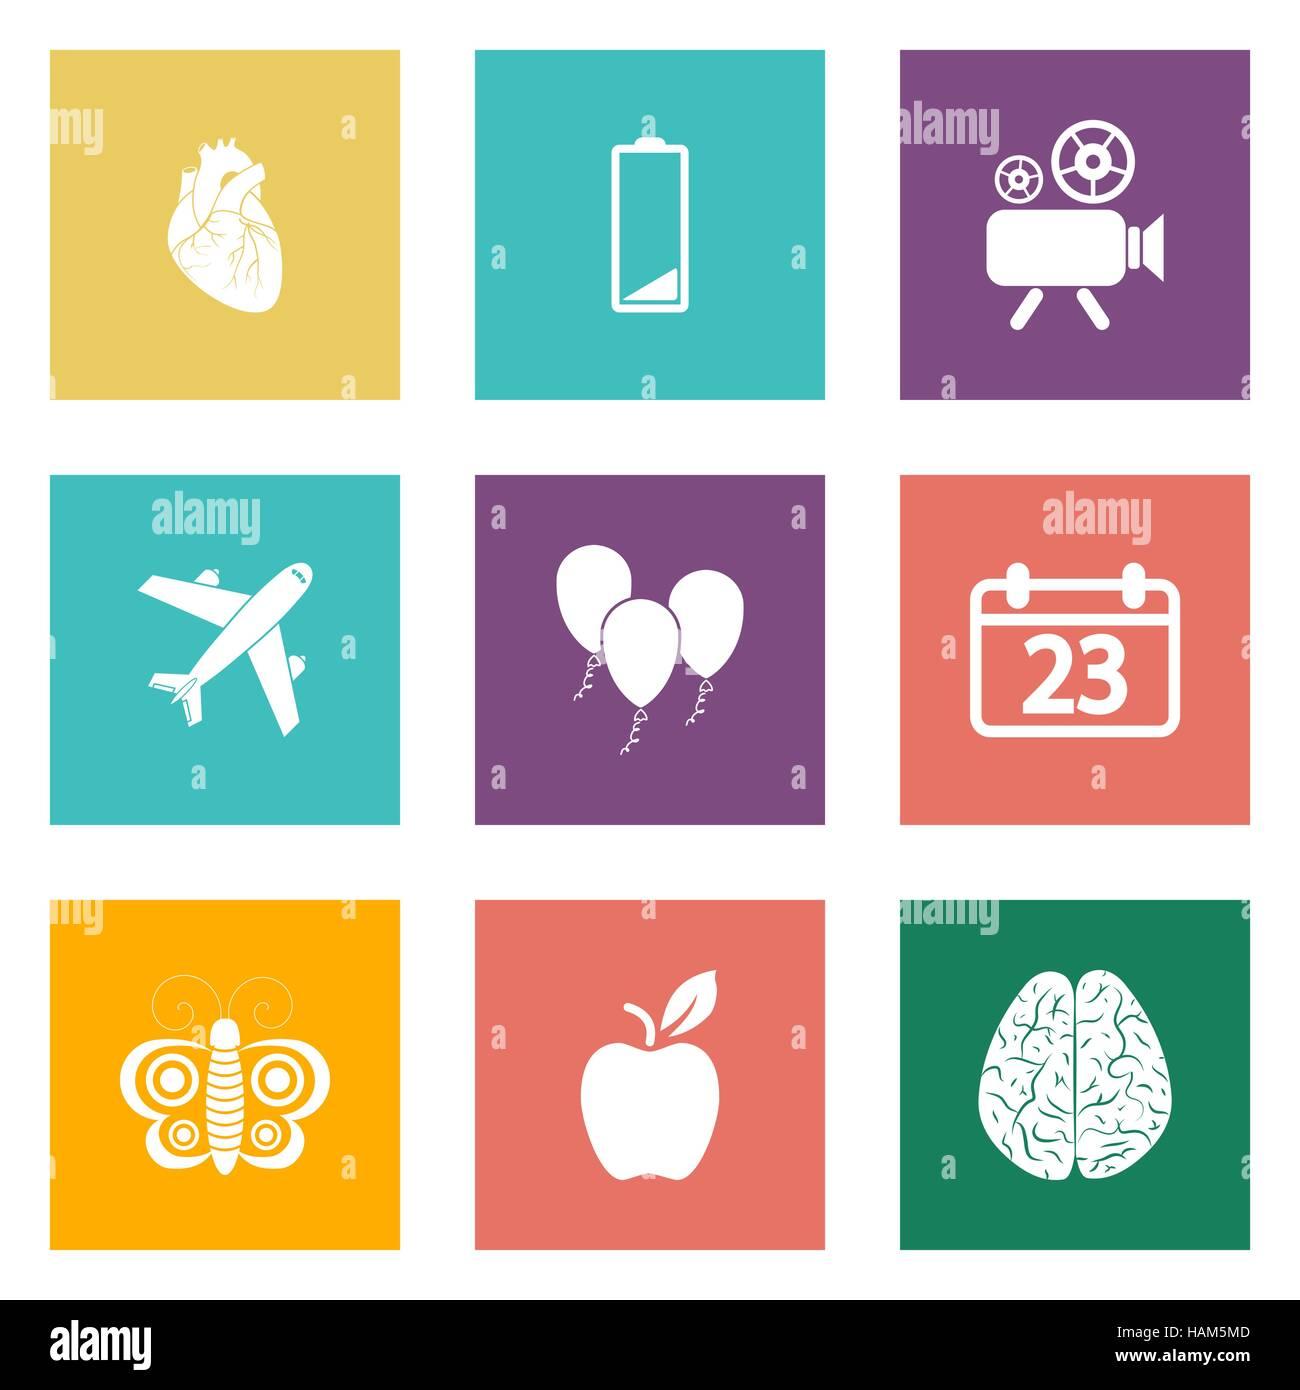 Iconos para diseño Web y aplicaciones móviles 2. Ilustración vectorial. Imagen De Stock